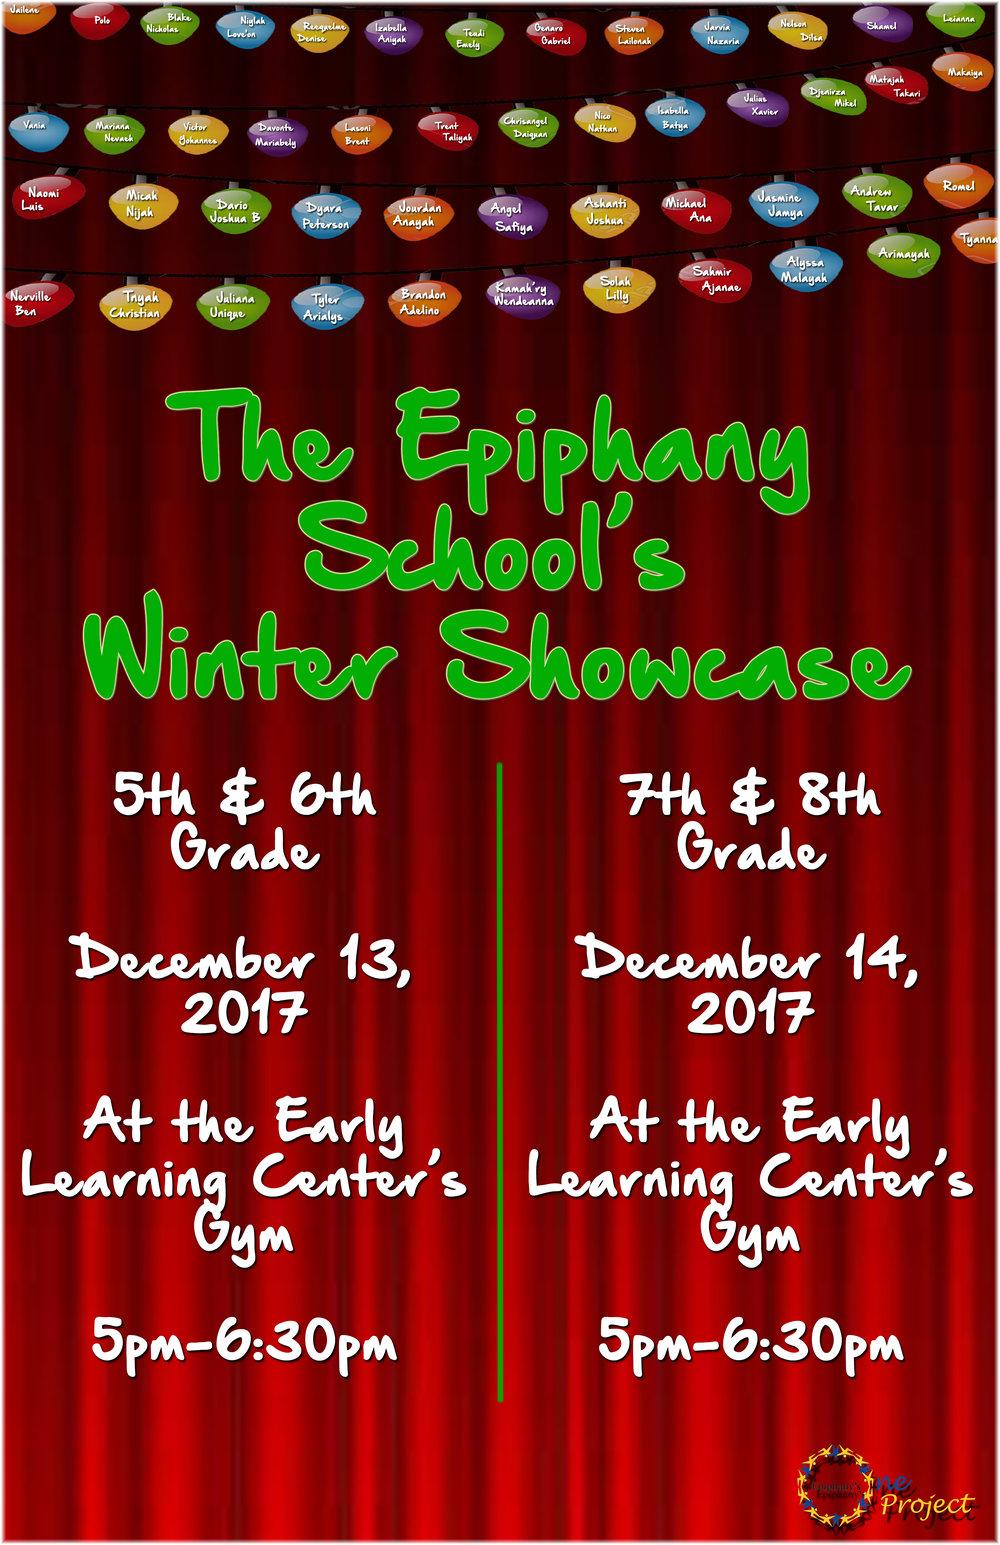 Epiphany's Winter Showcase 2017.jpg